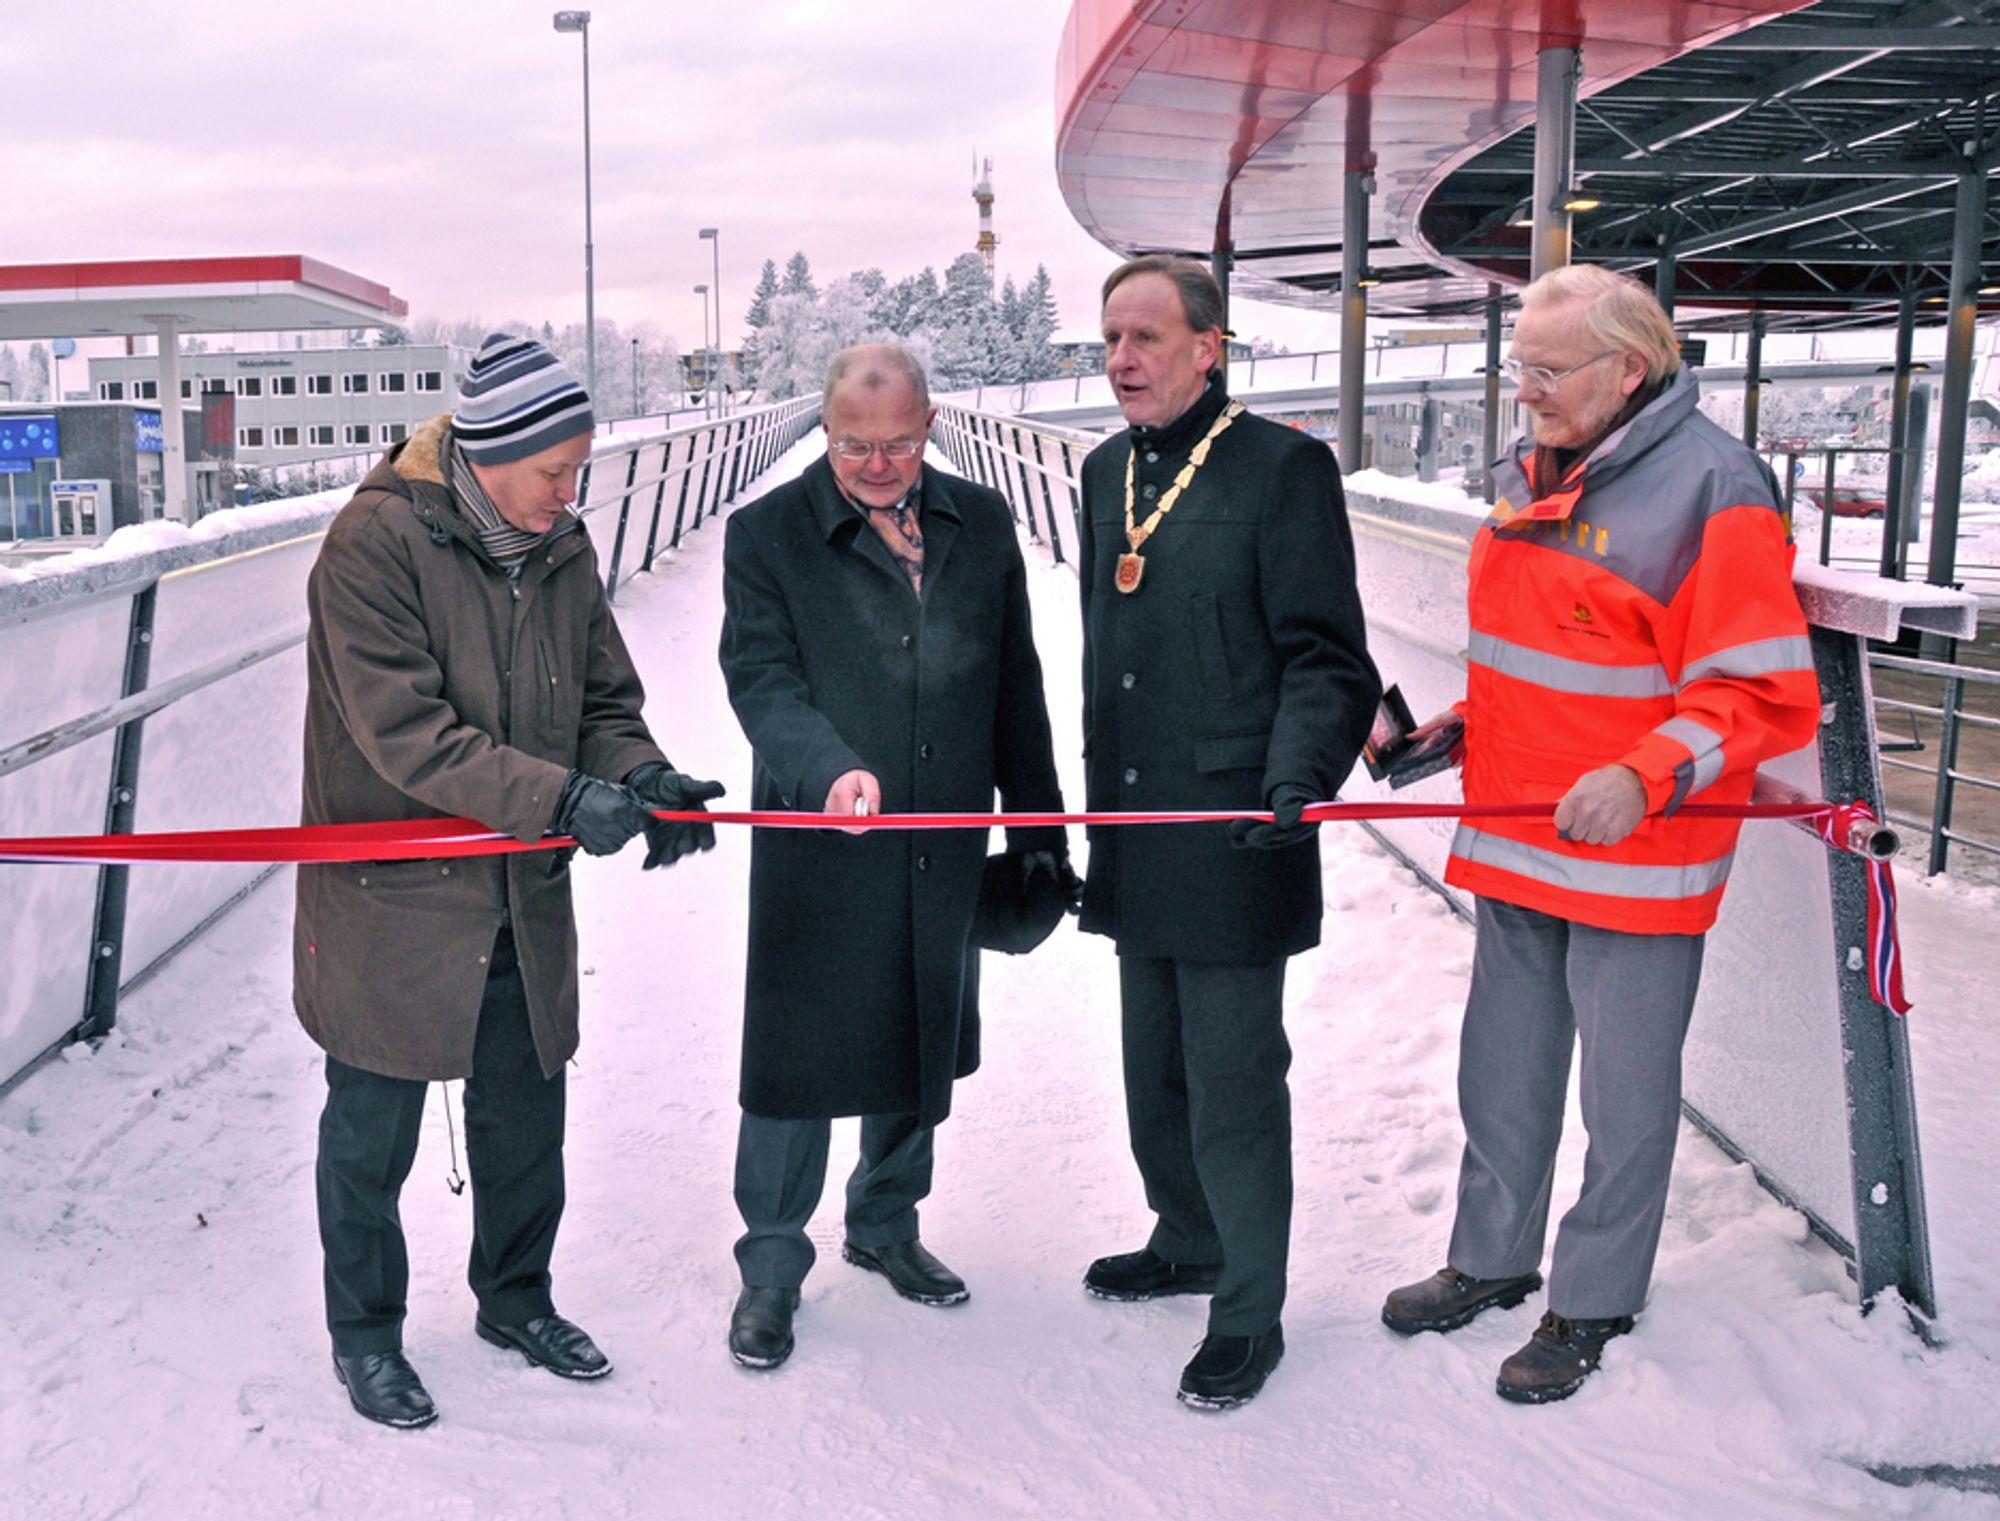 Fylkesmann Hans J. Røsjorde (nr. to fra venstre) markerer at Lørenskog kollektivterminal er åpnet og at passasjerene - forhåpentligvis - snart kan ta den i bruk.